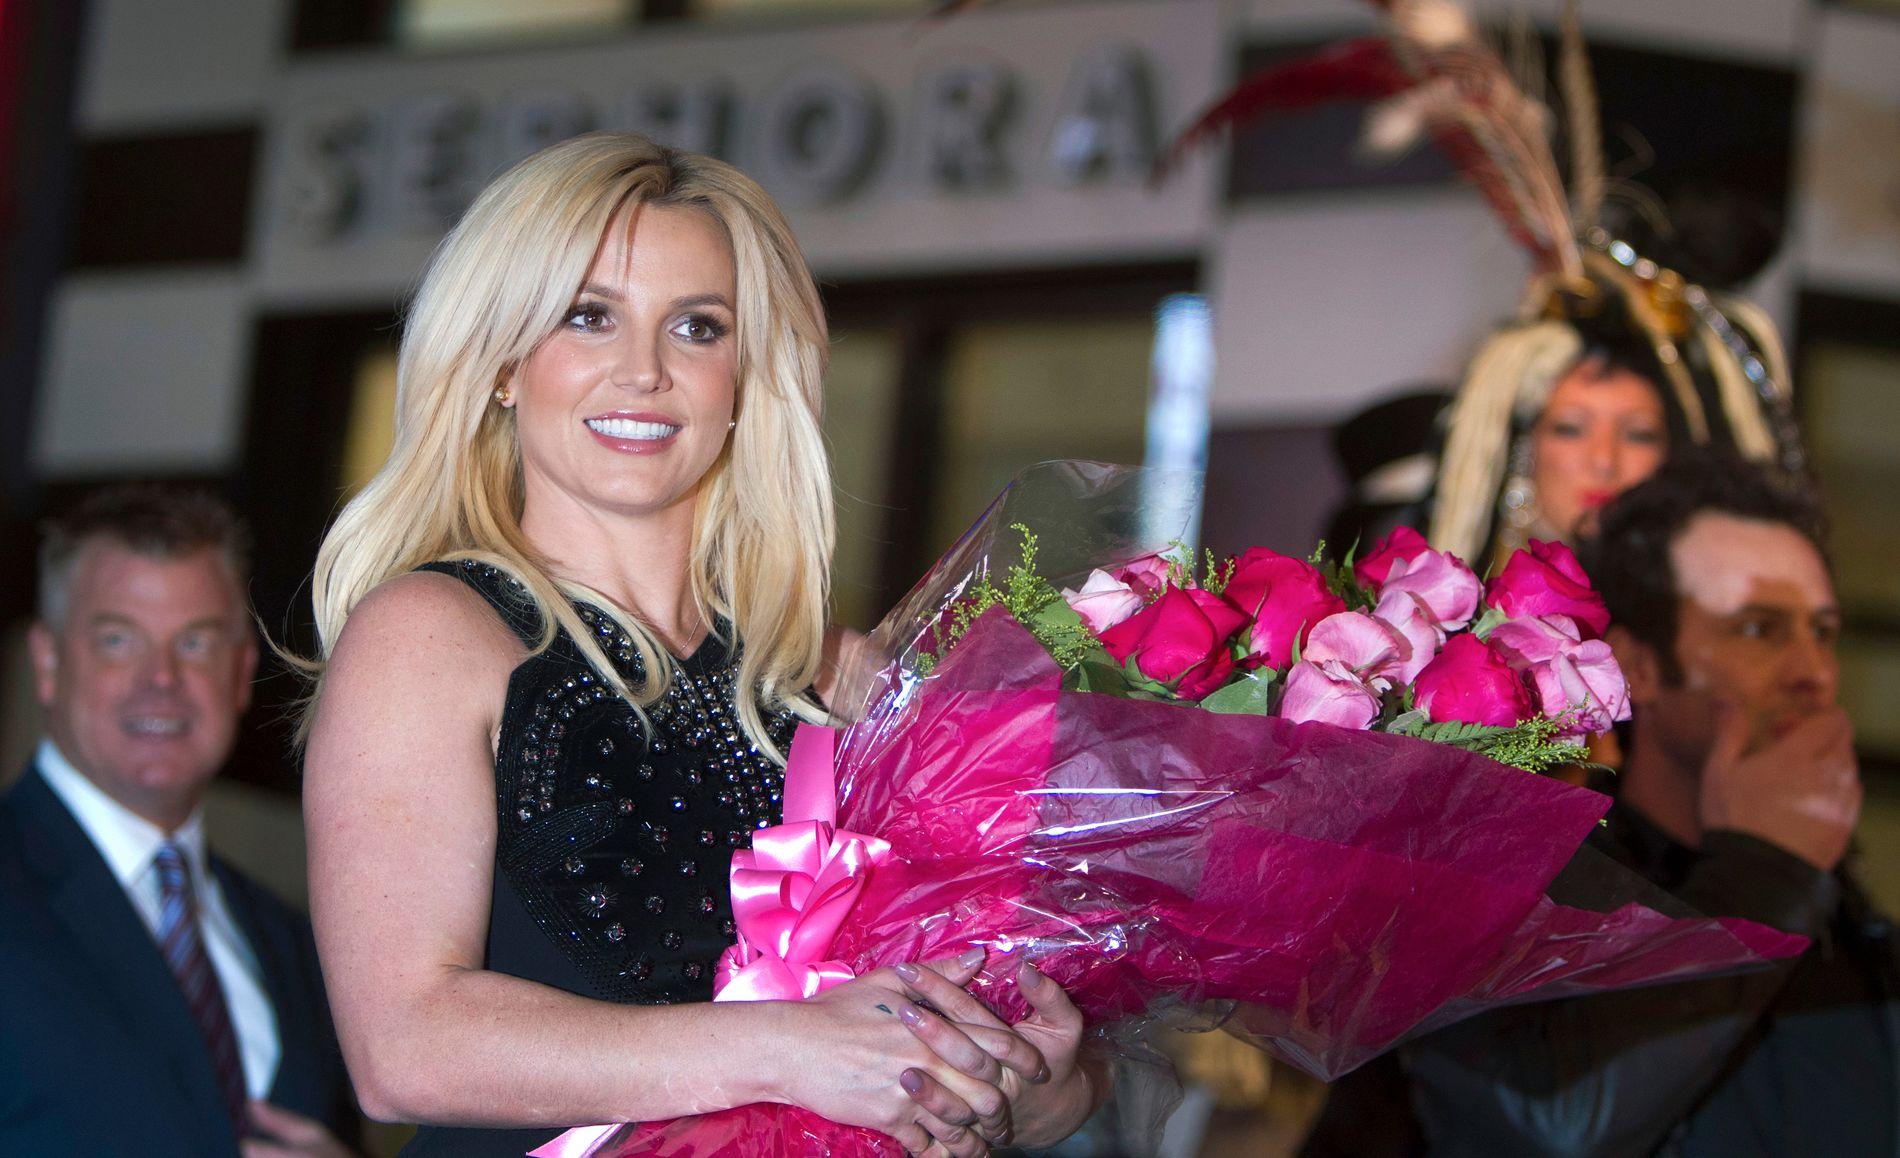 DESEMBER 2013: Britney Spears ankommer  Planet Hollywood Resort and Casino i Las Vegas rett før hun innleder sitt fire år lange engasjement i kasinobyen. Foto: REUTERS